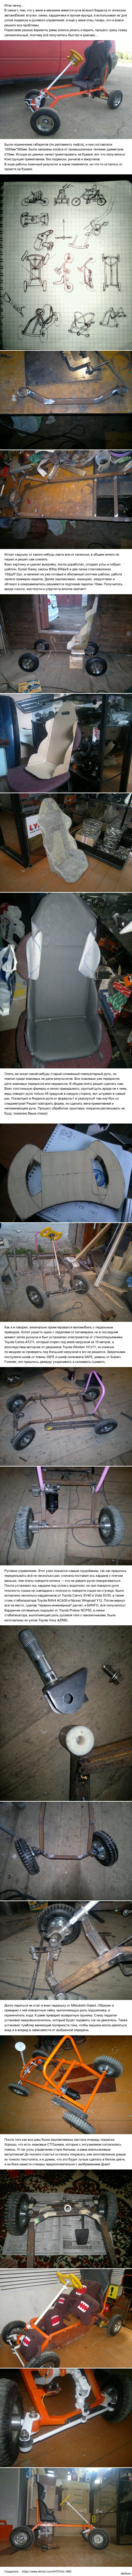 Электромобиль для дочки (не мое) автор  http://www.drive2.ru/users/ahtoxa-z/